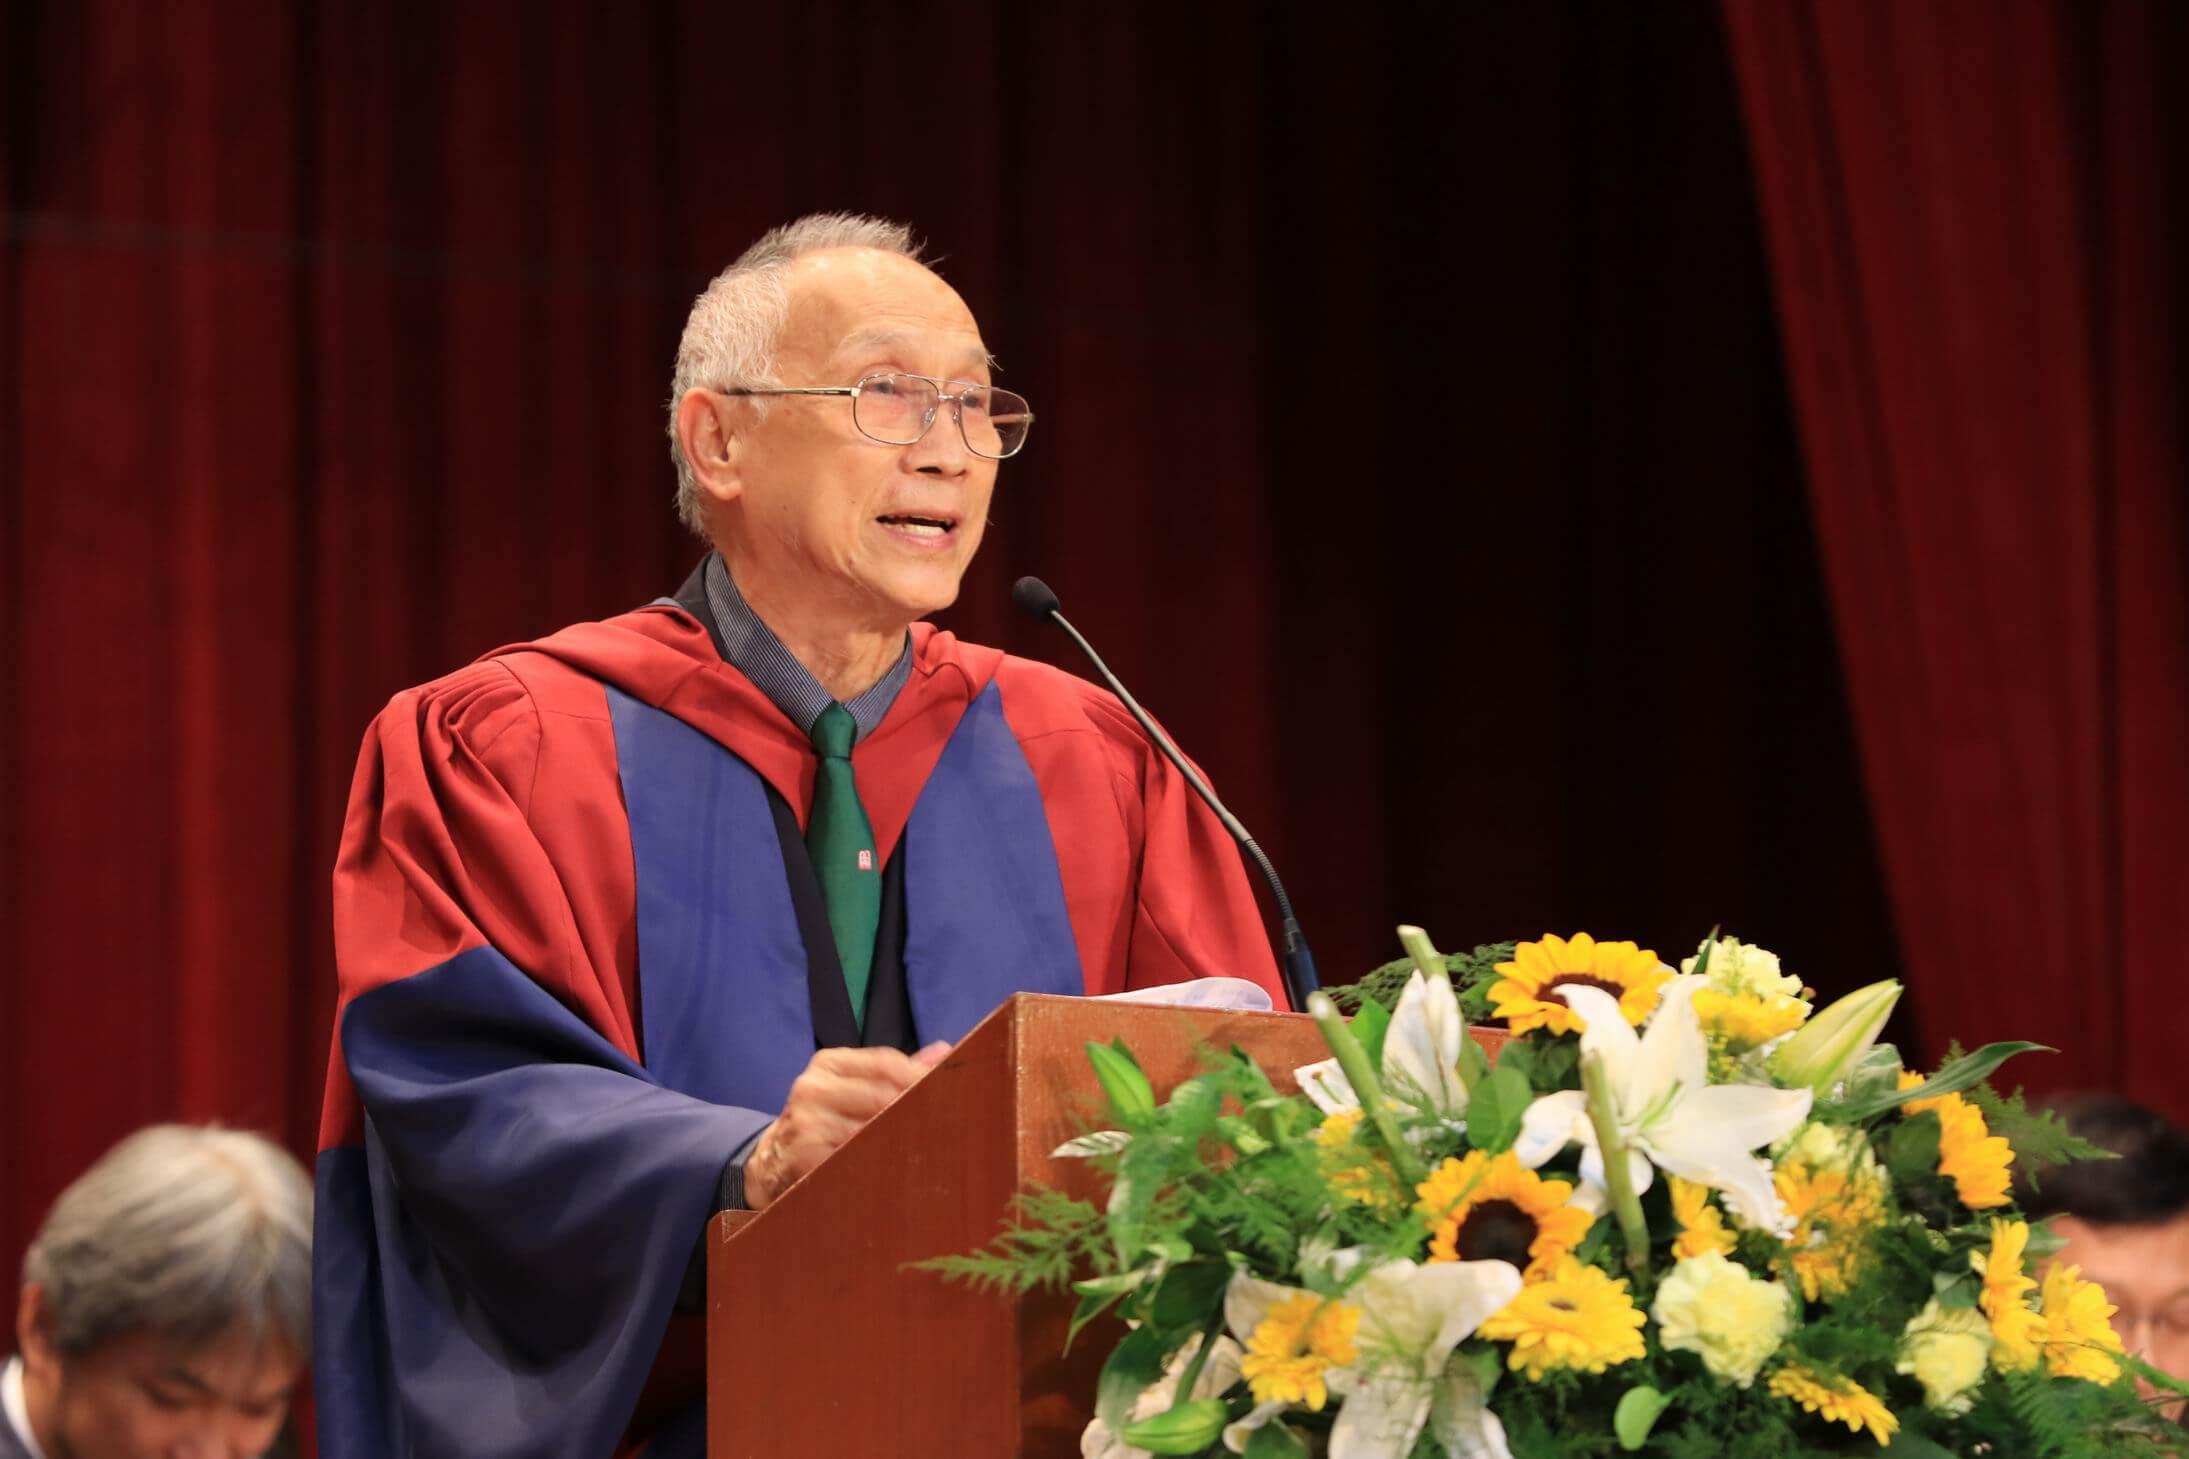 陳耀南老師很有學養, 對駢文甚有研究,梁錦 松更指他影響了他們整 代人。(受訪者提供)